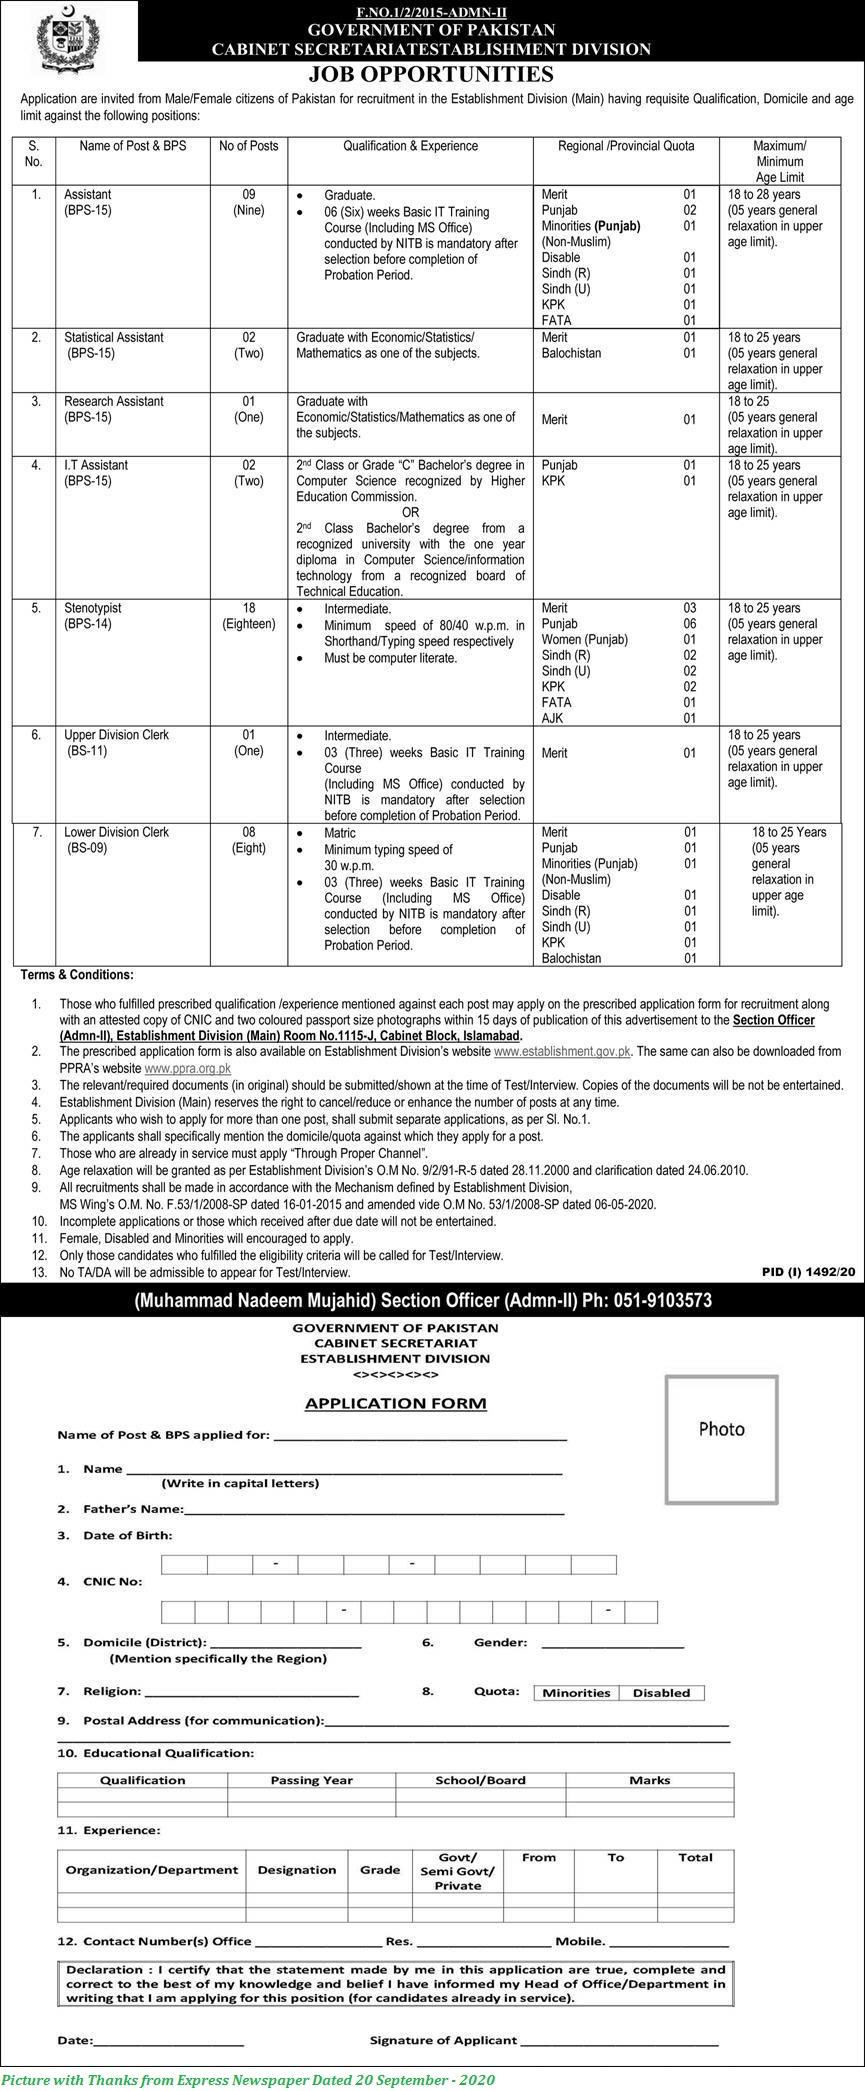 Cabinet Secretariat Establishment Division Islamabad Jobs 2020 40+ Posts Announced